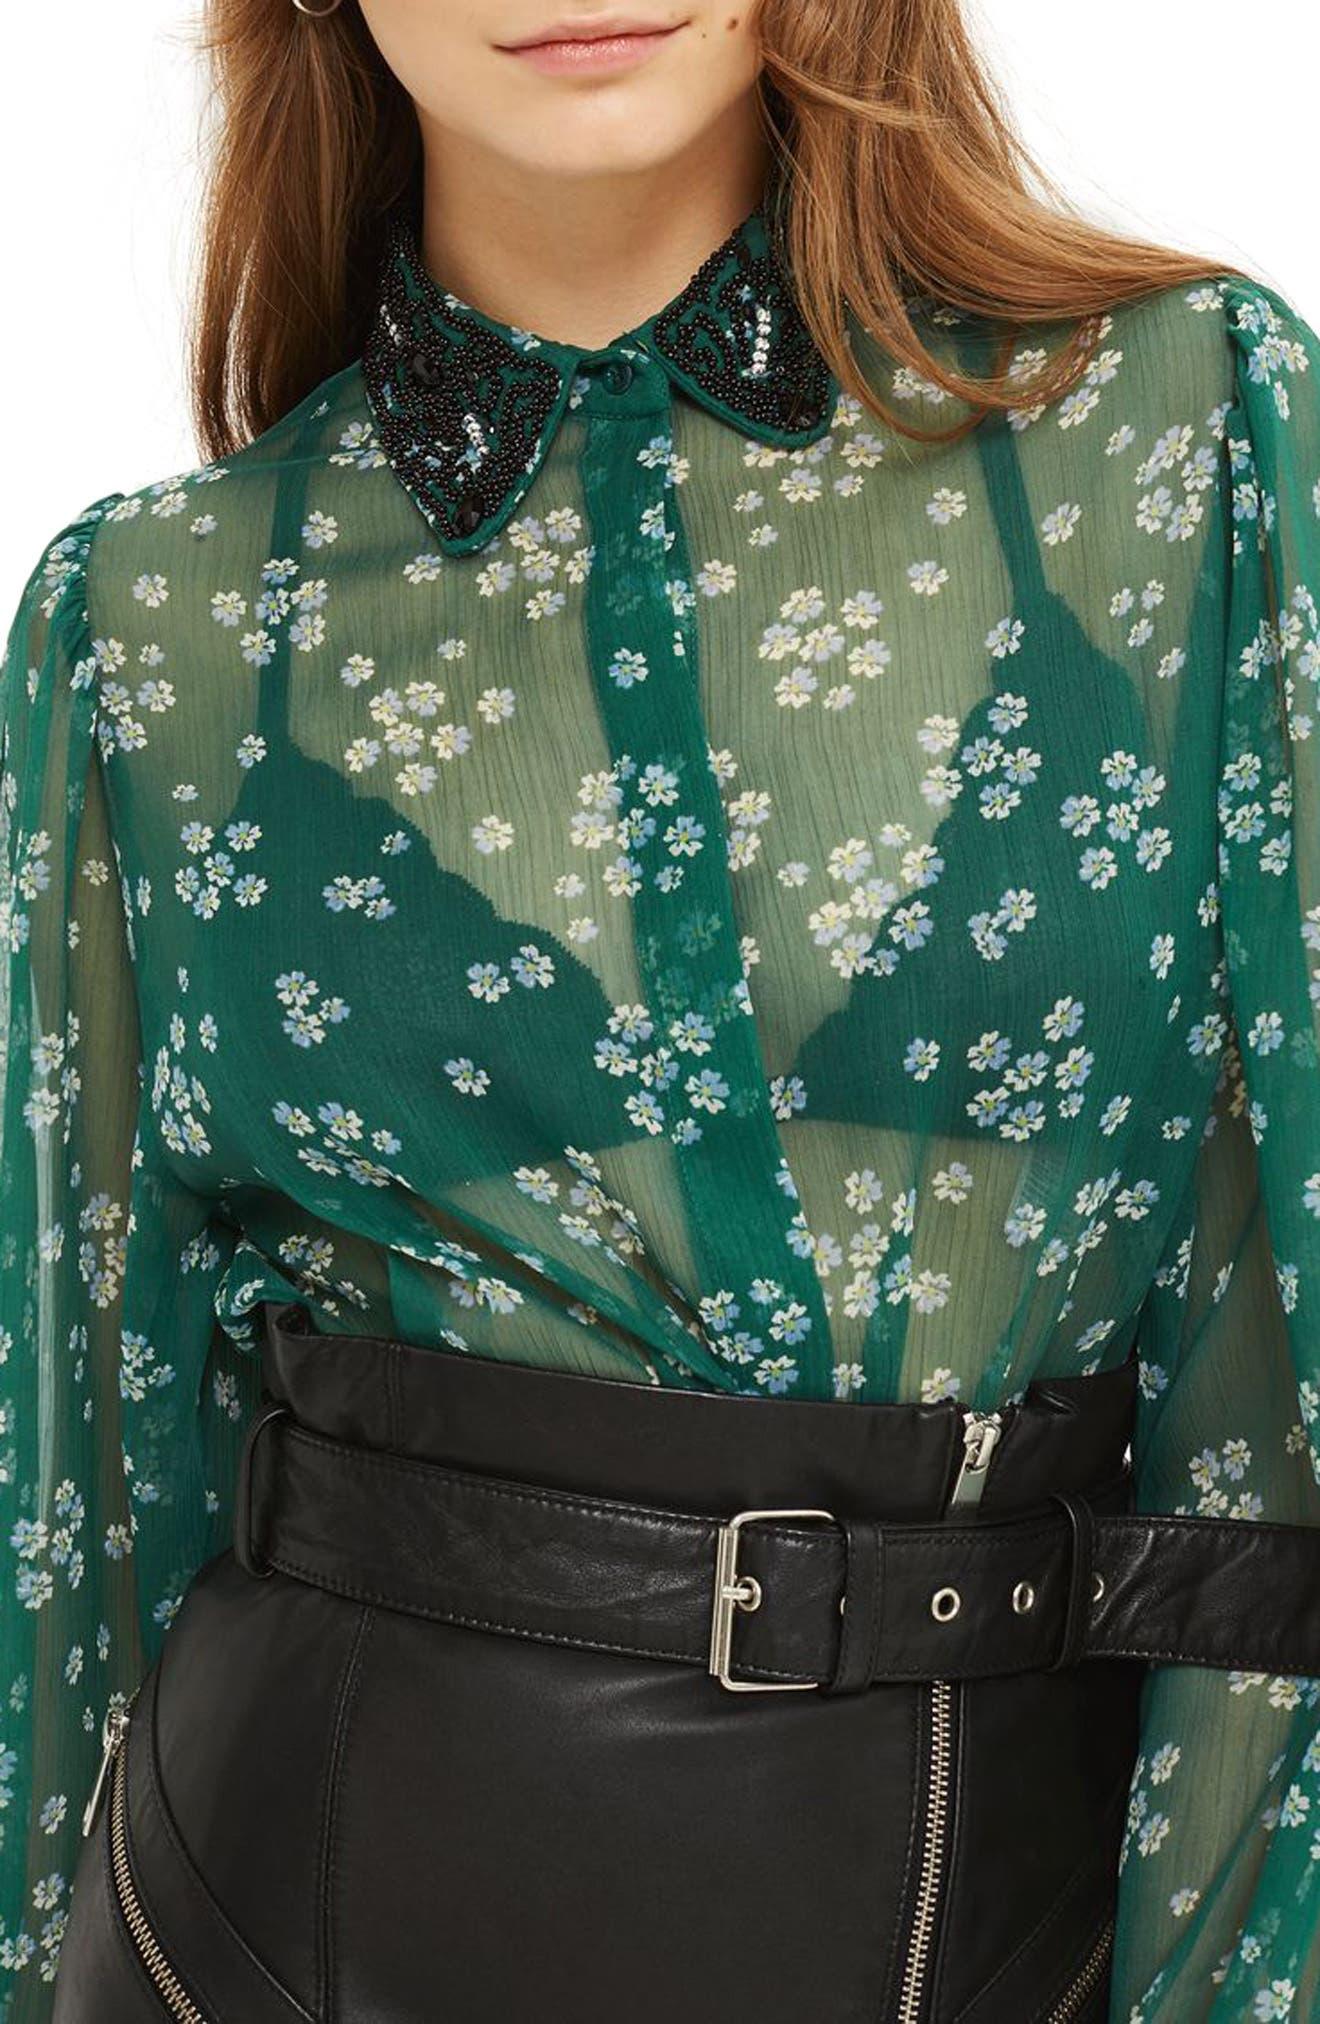 Topshop Beaded Collar Sheer Shirt